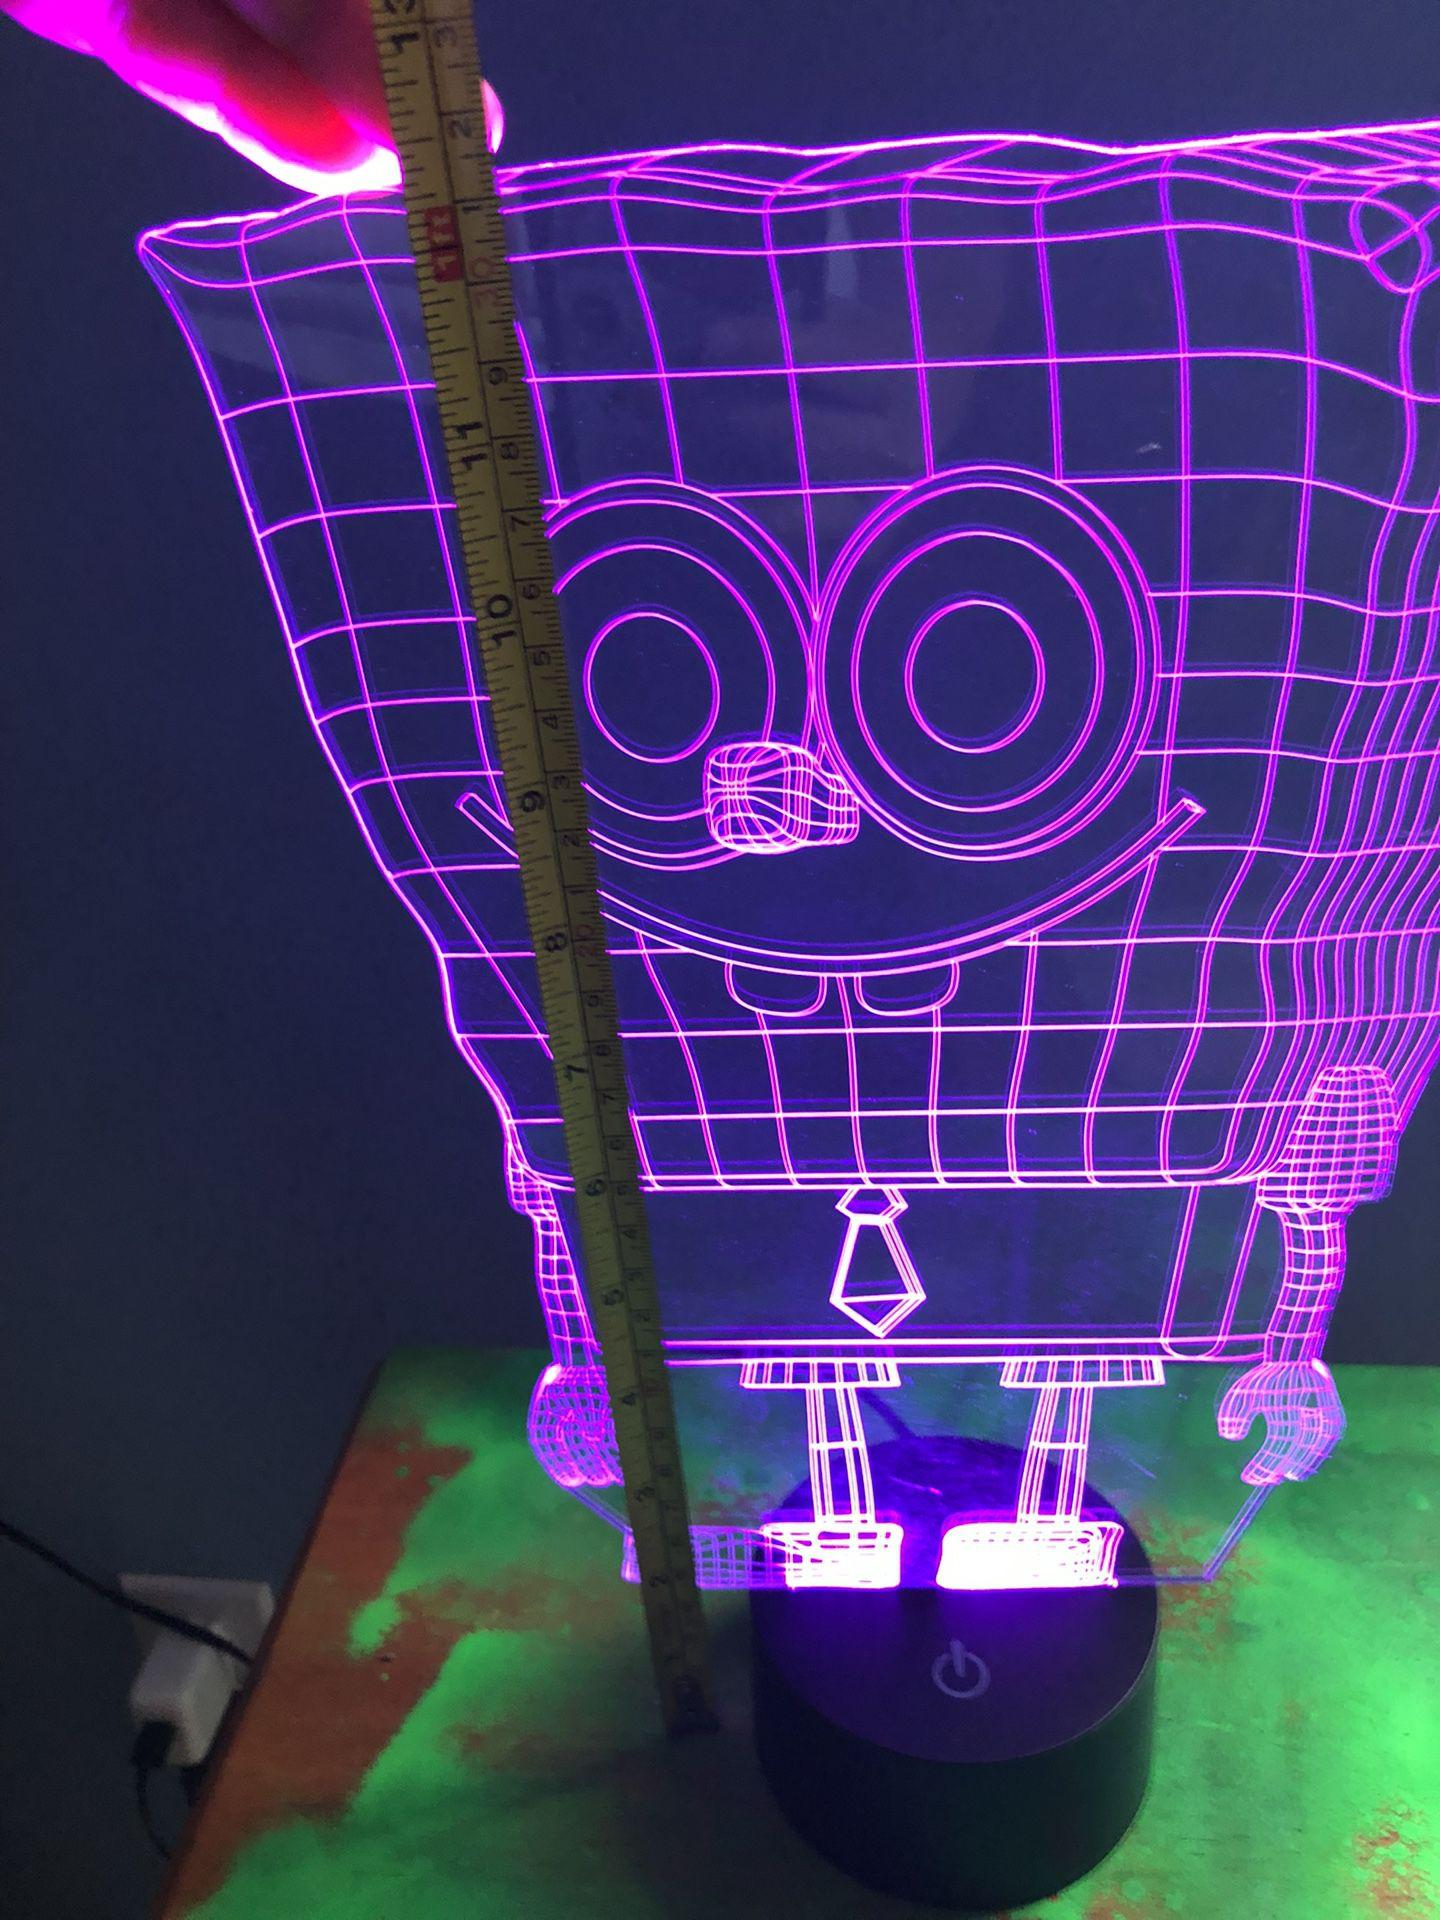 Kids Room Decoration Soccer Or Sponge Bob 3D Lamp